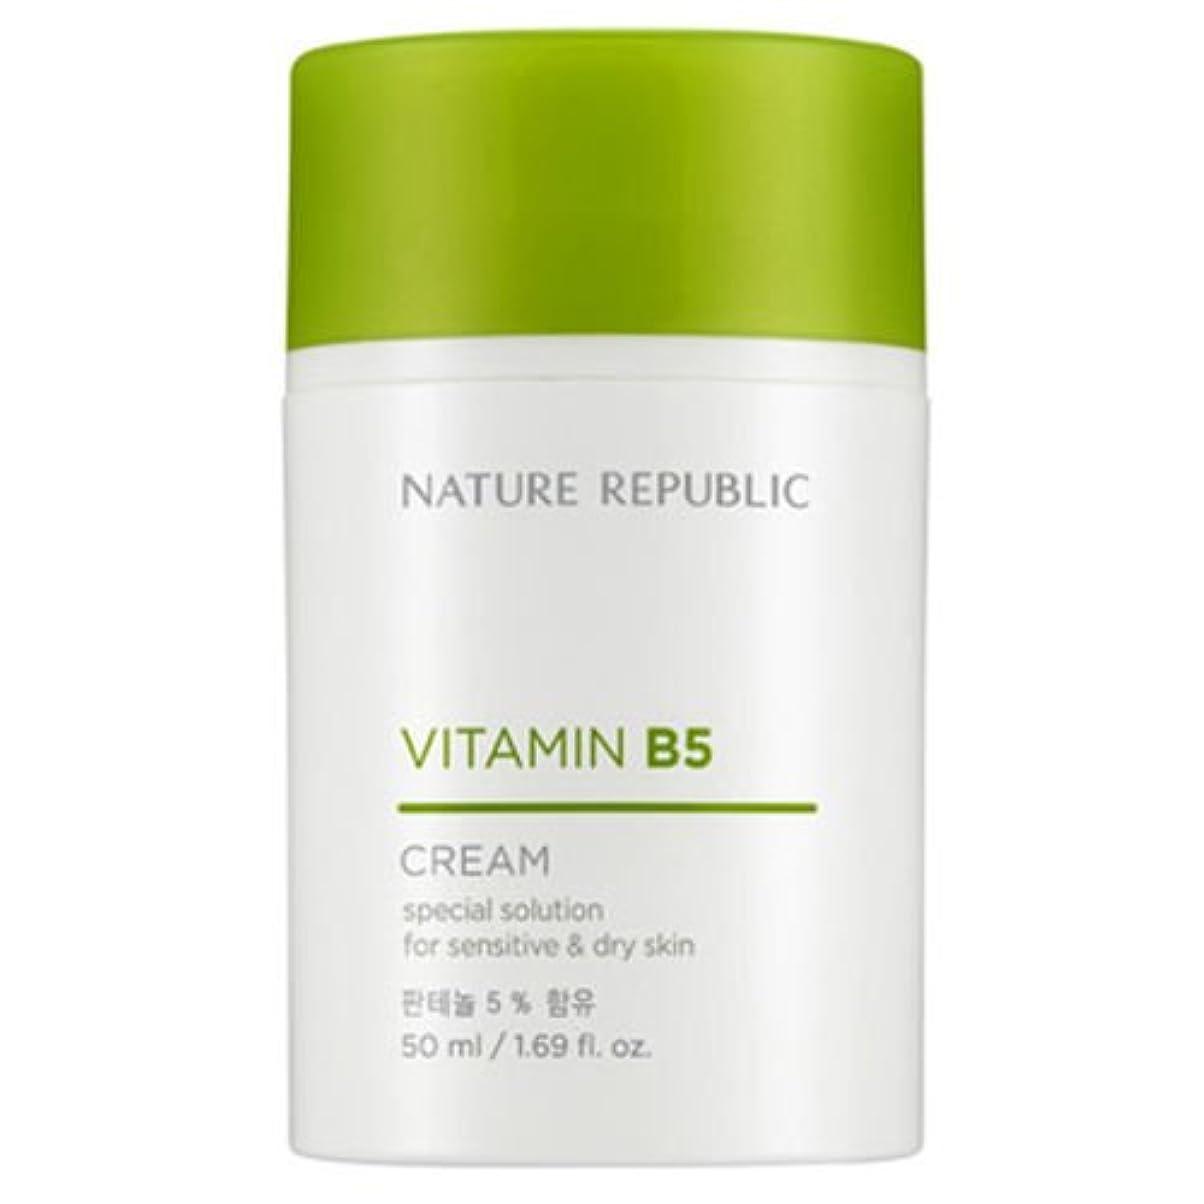 ファンネルウェブスパイダートリップキャプションNATURE REPUBLIC Vitamin B5 Series [並行輸入品] (Cream)